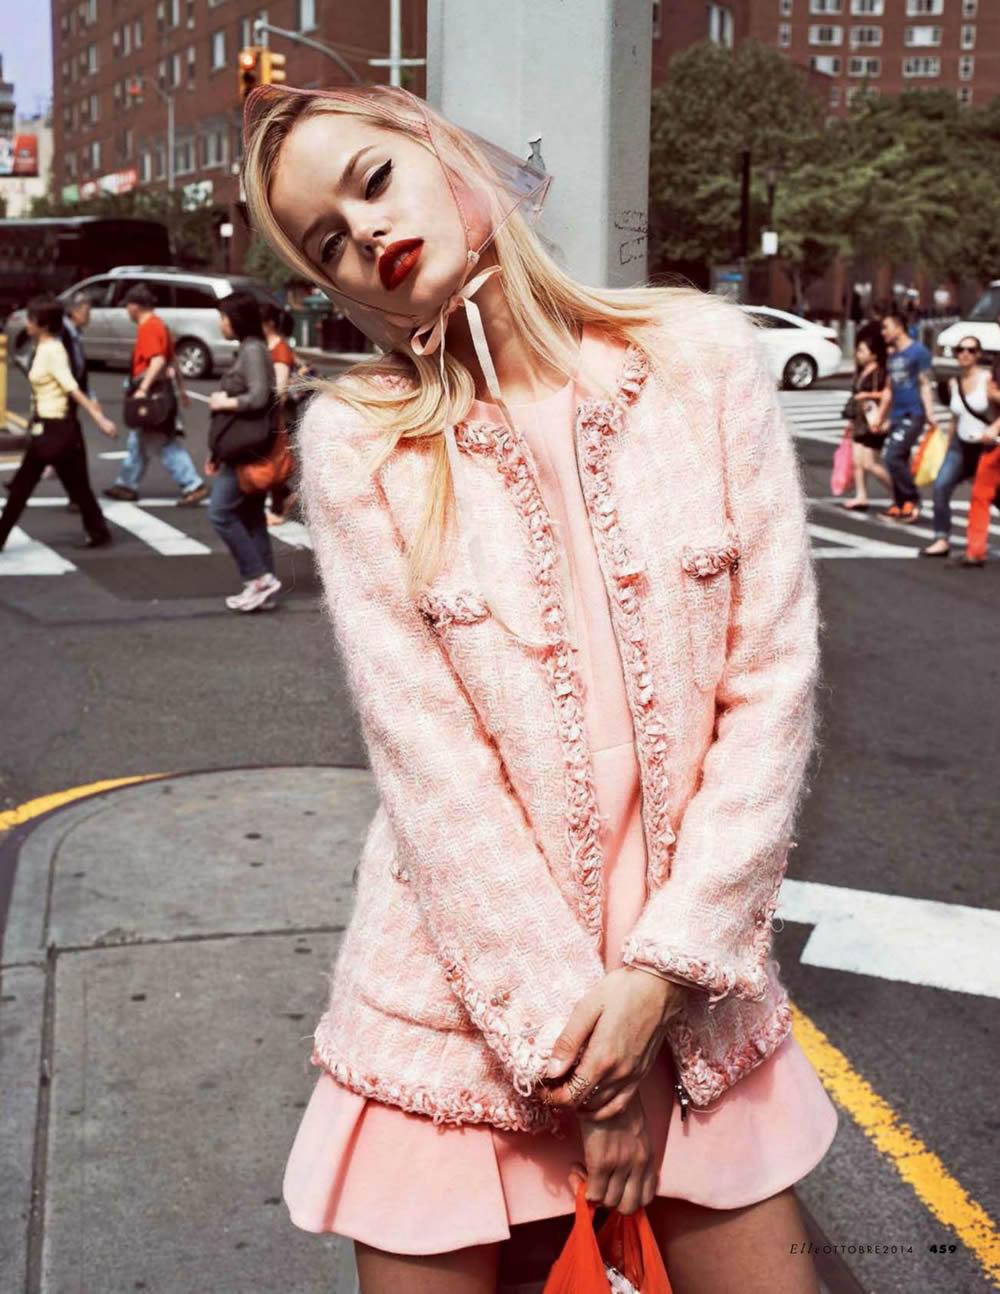 La Vie en Rose, el color de moda según Elle Italia